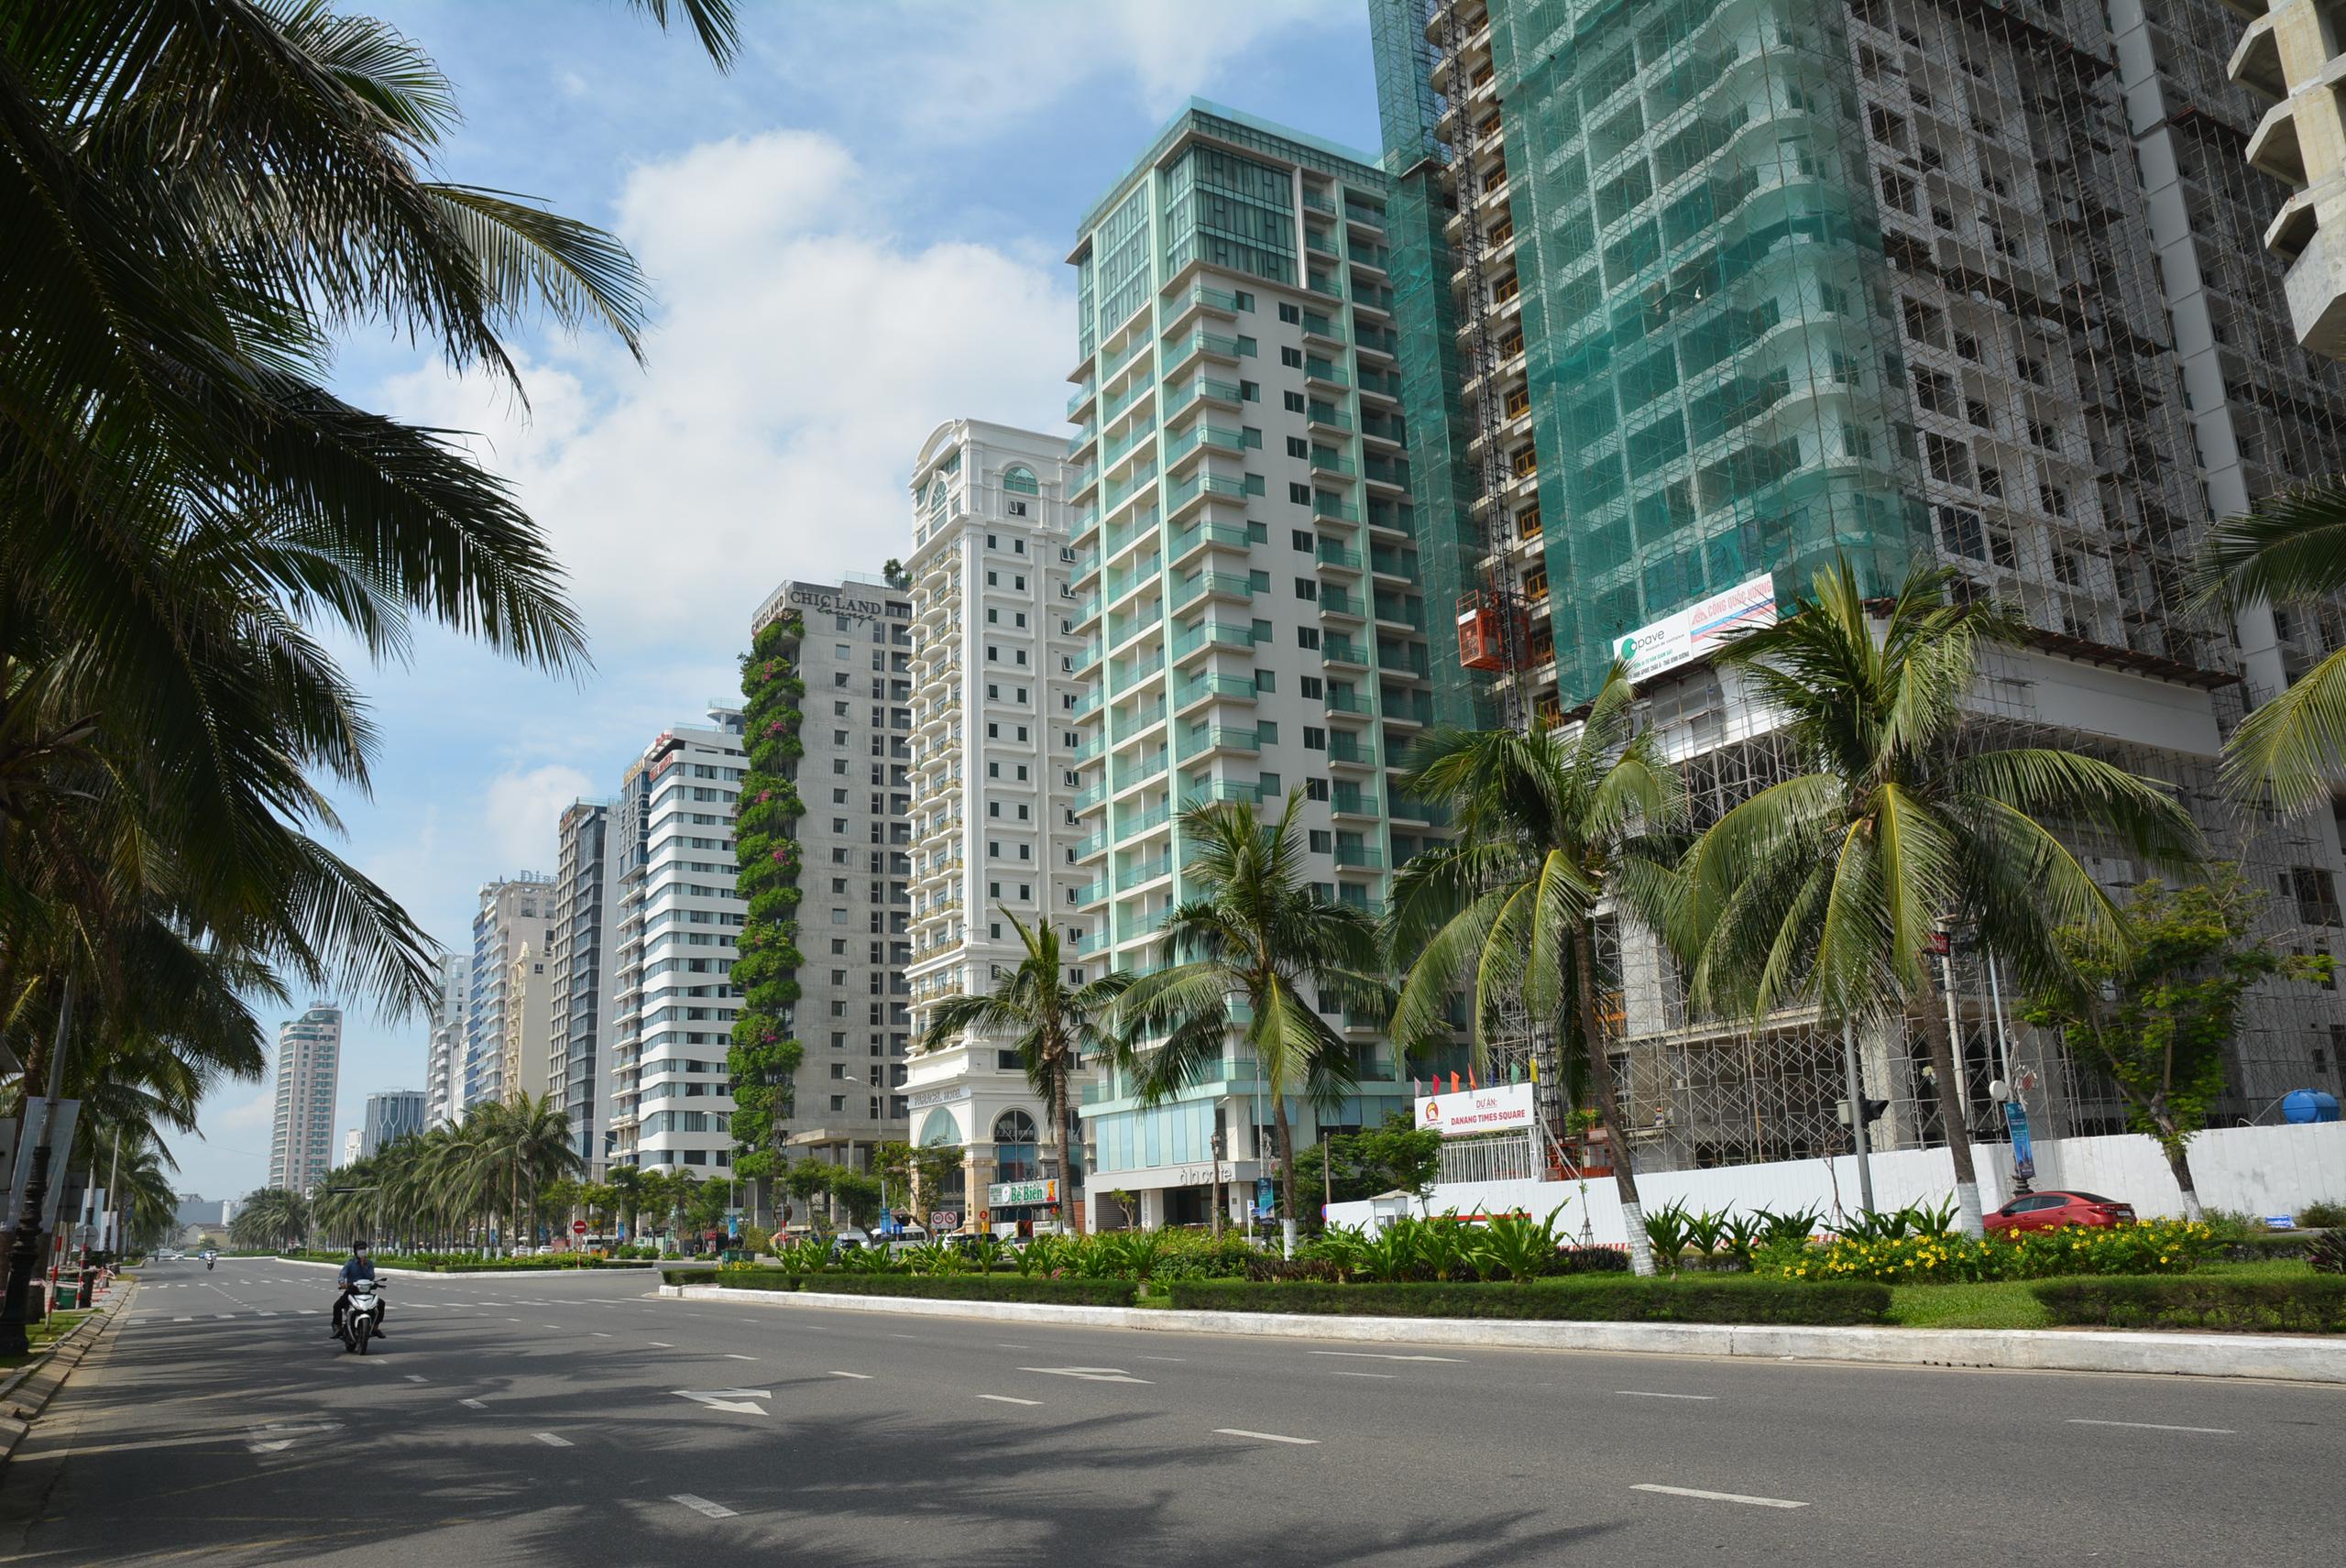 Nhiều dự án bất động sản ở Đà Nẵng đang xây dựng dù ảnh hưởng dịch - Ảnh 1.